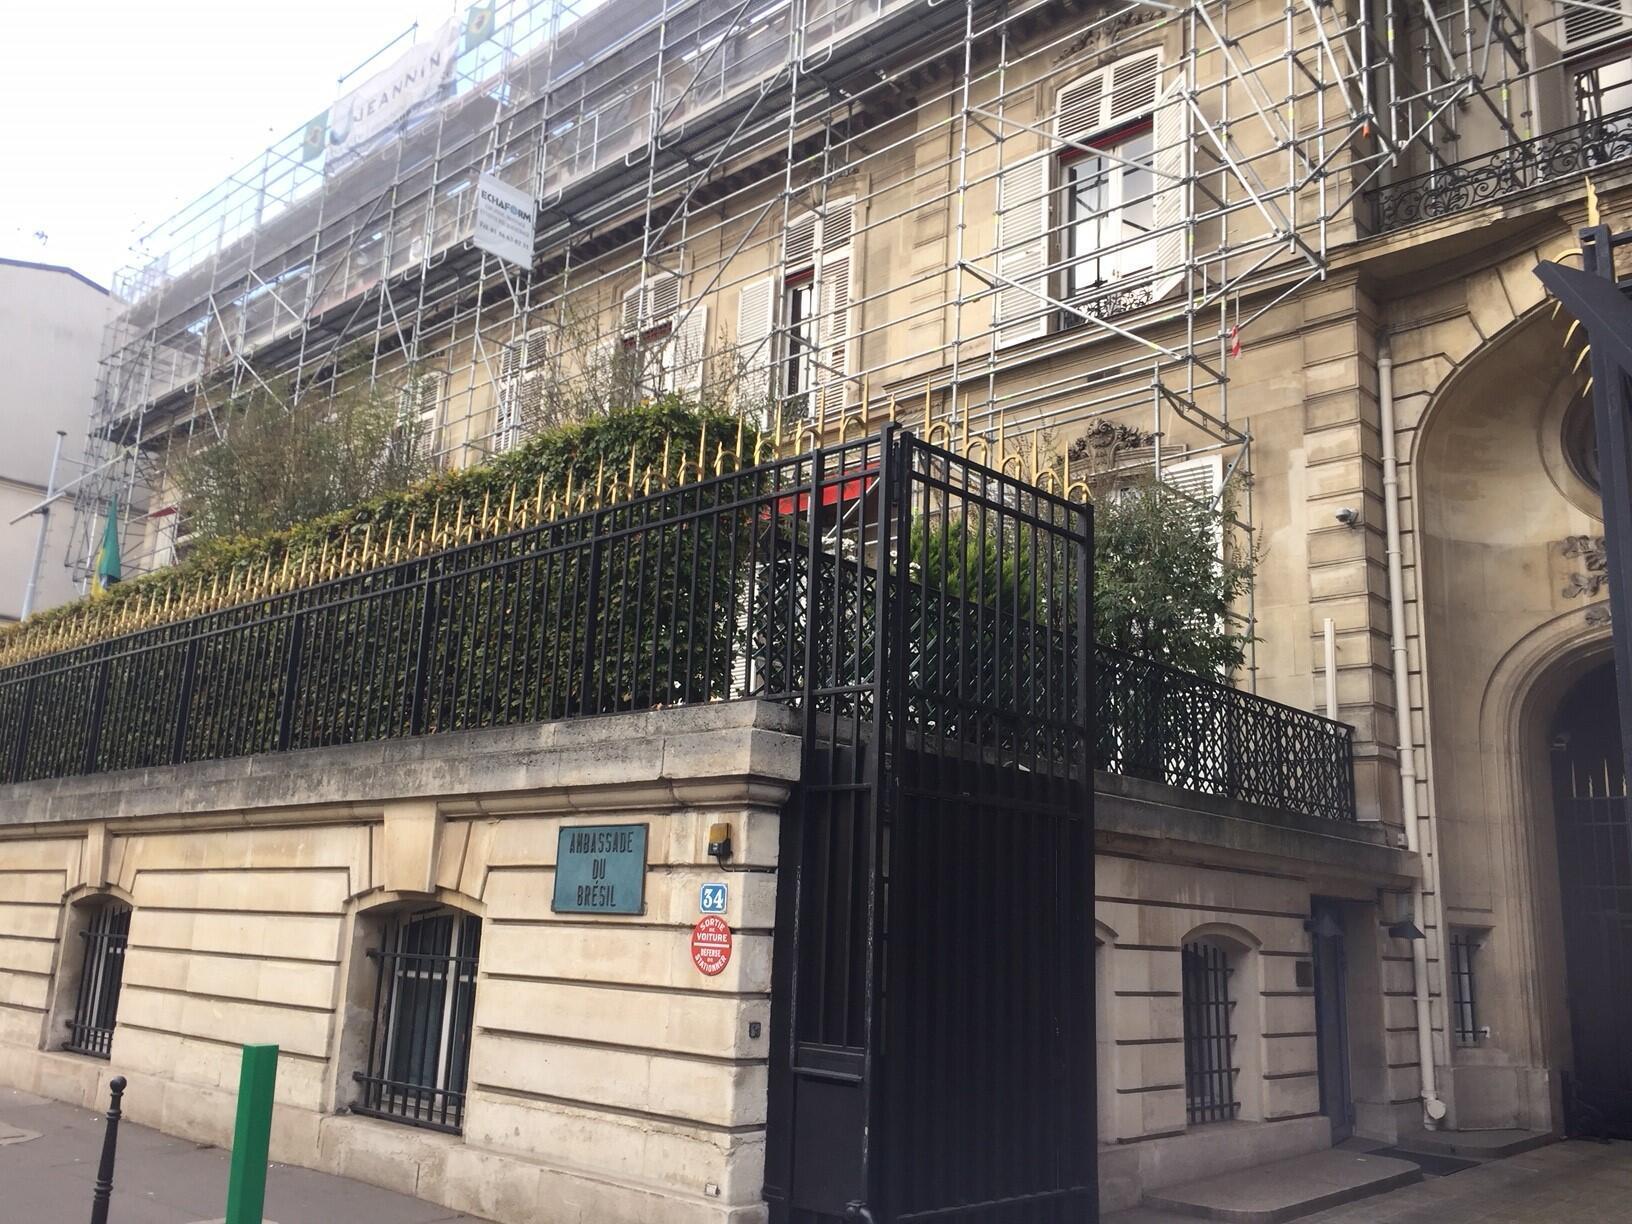 Embaixada do Brasil em Paris, tombada patrimônio histórico, está coberta por andaimes.